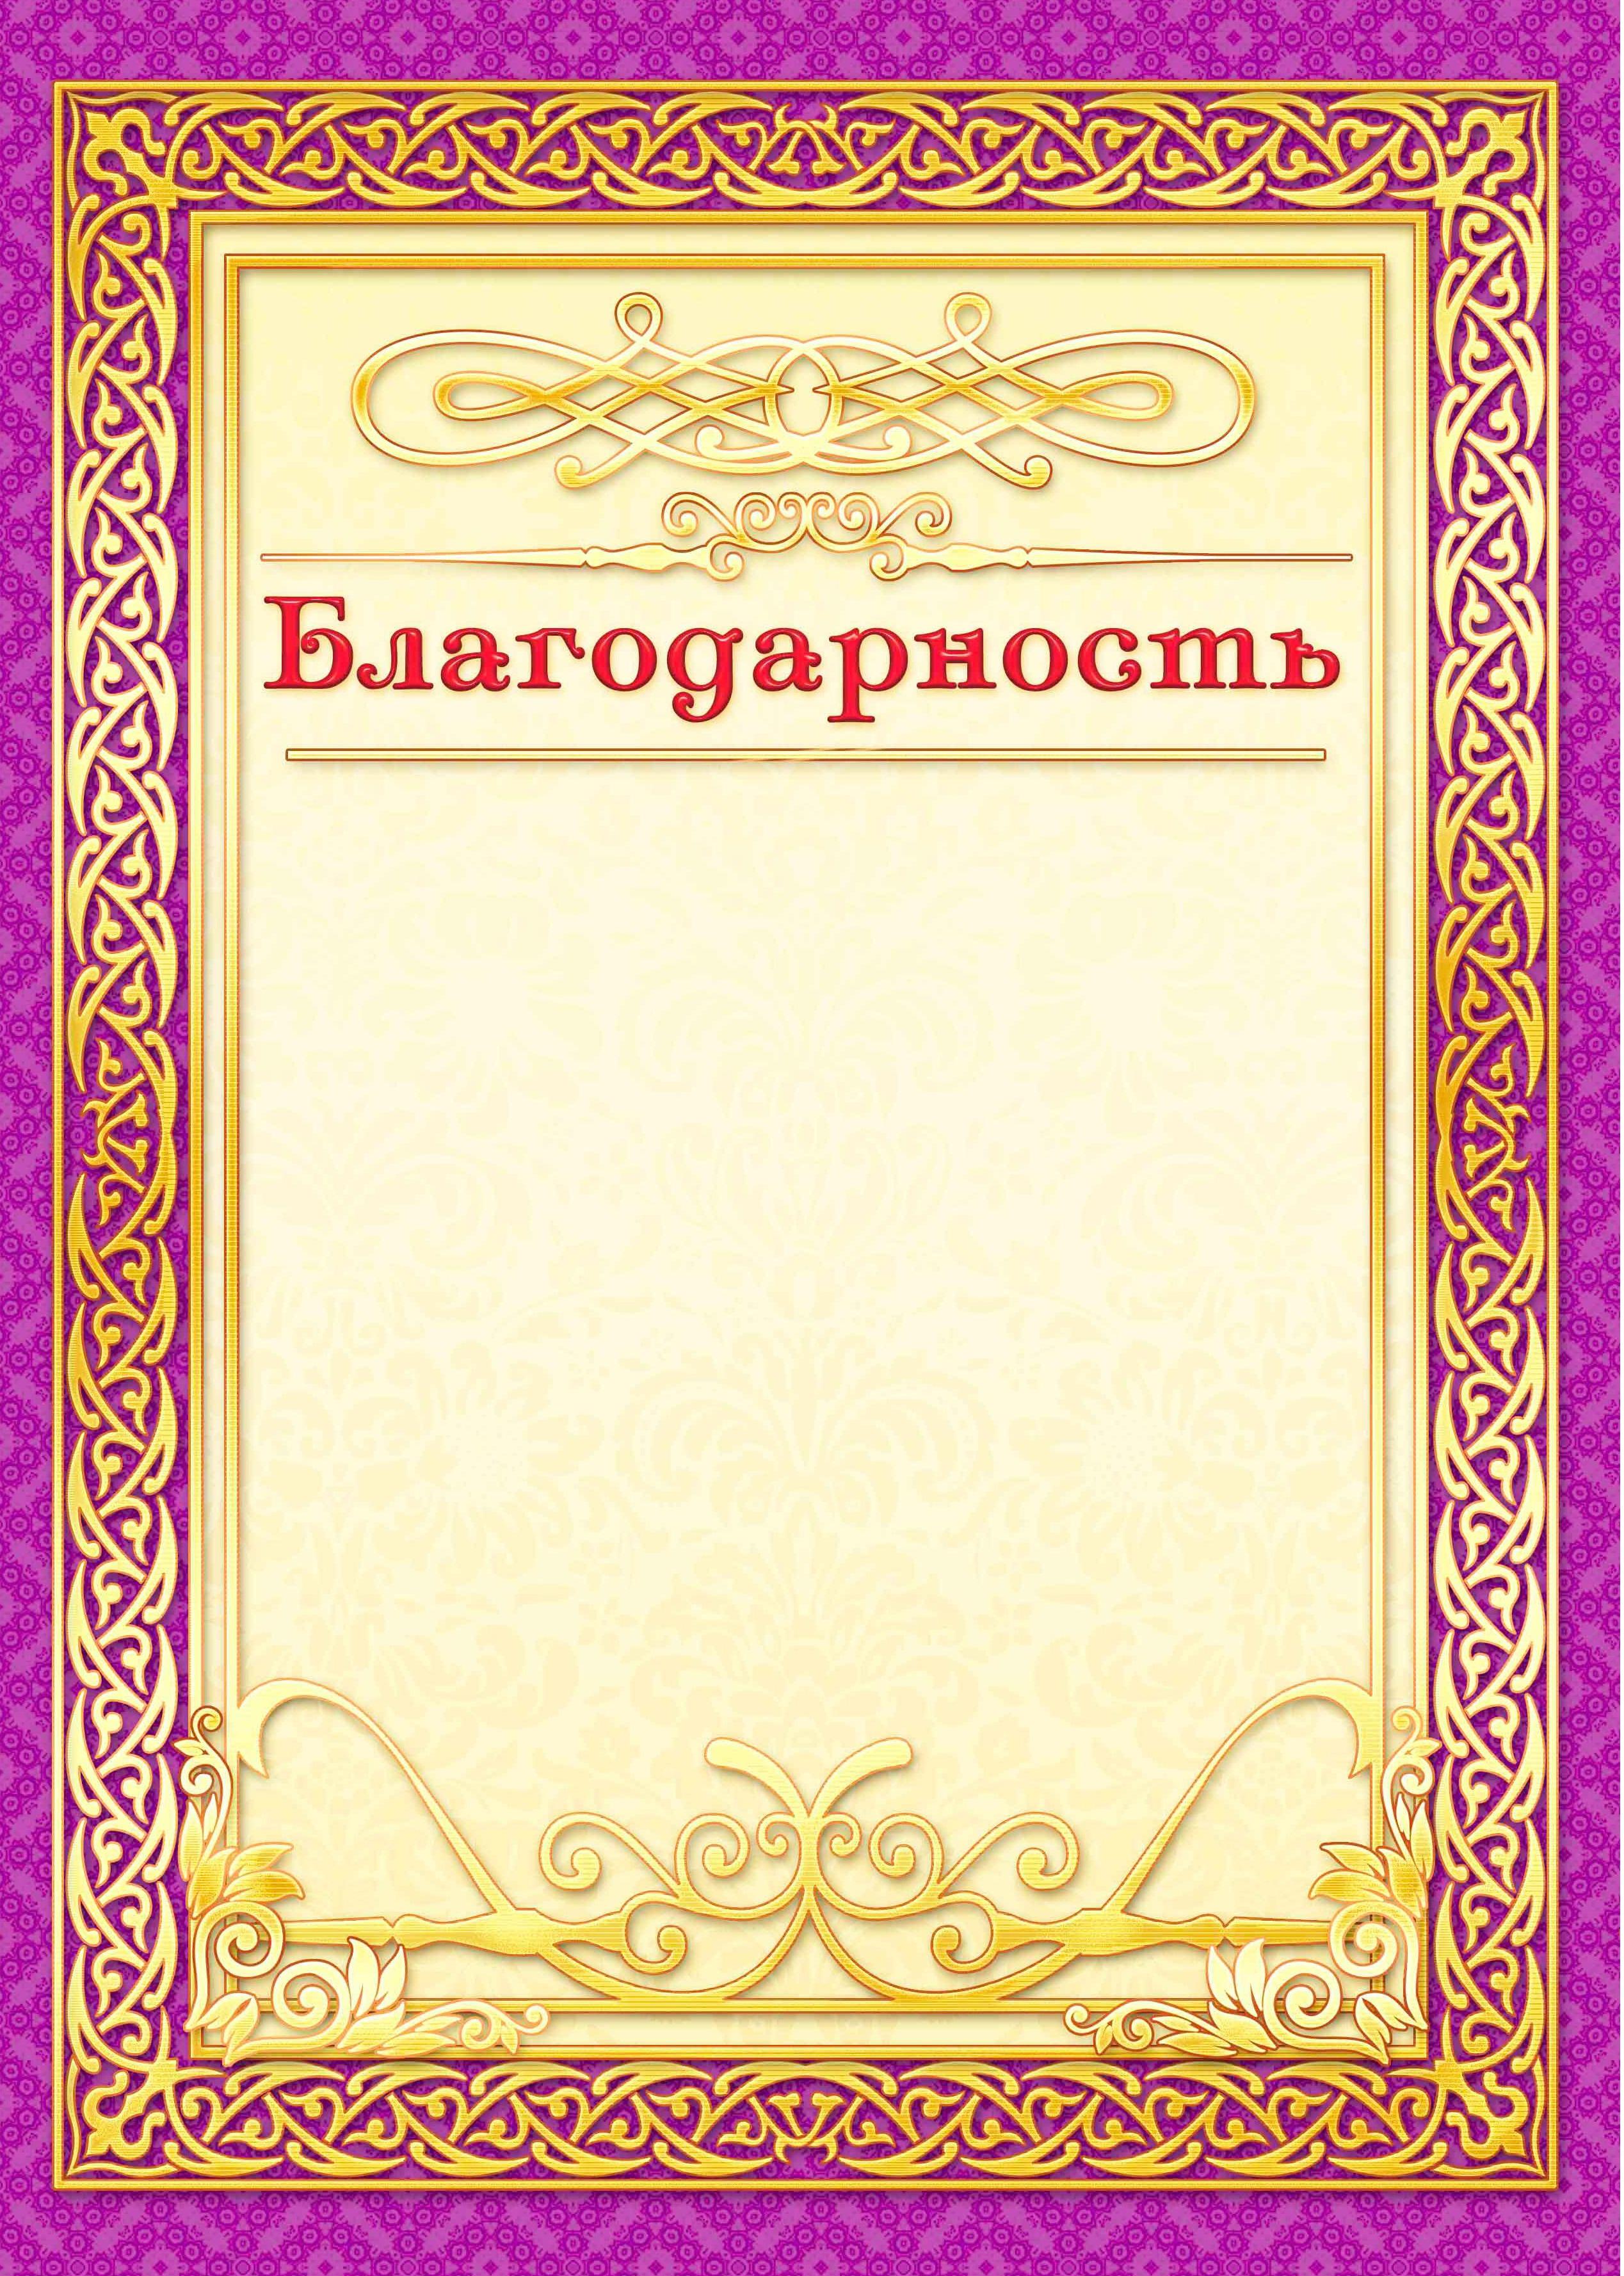 Шаблон благодарственной открытки 72